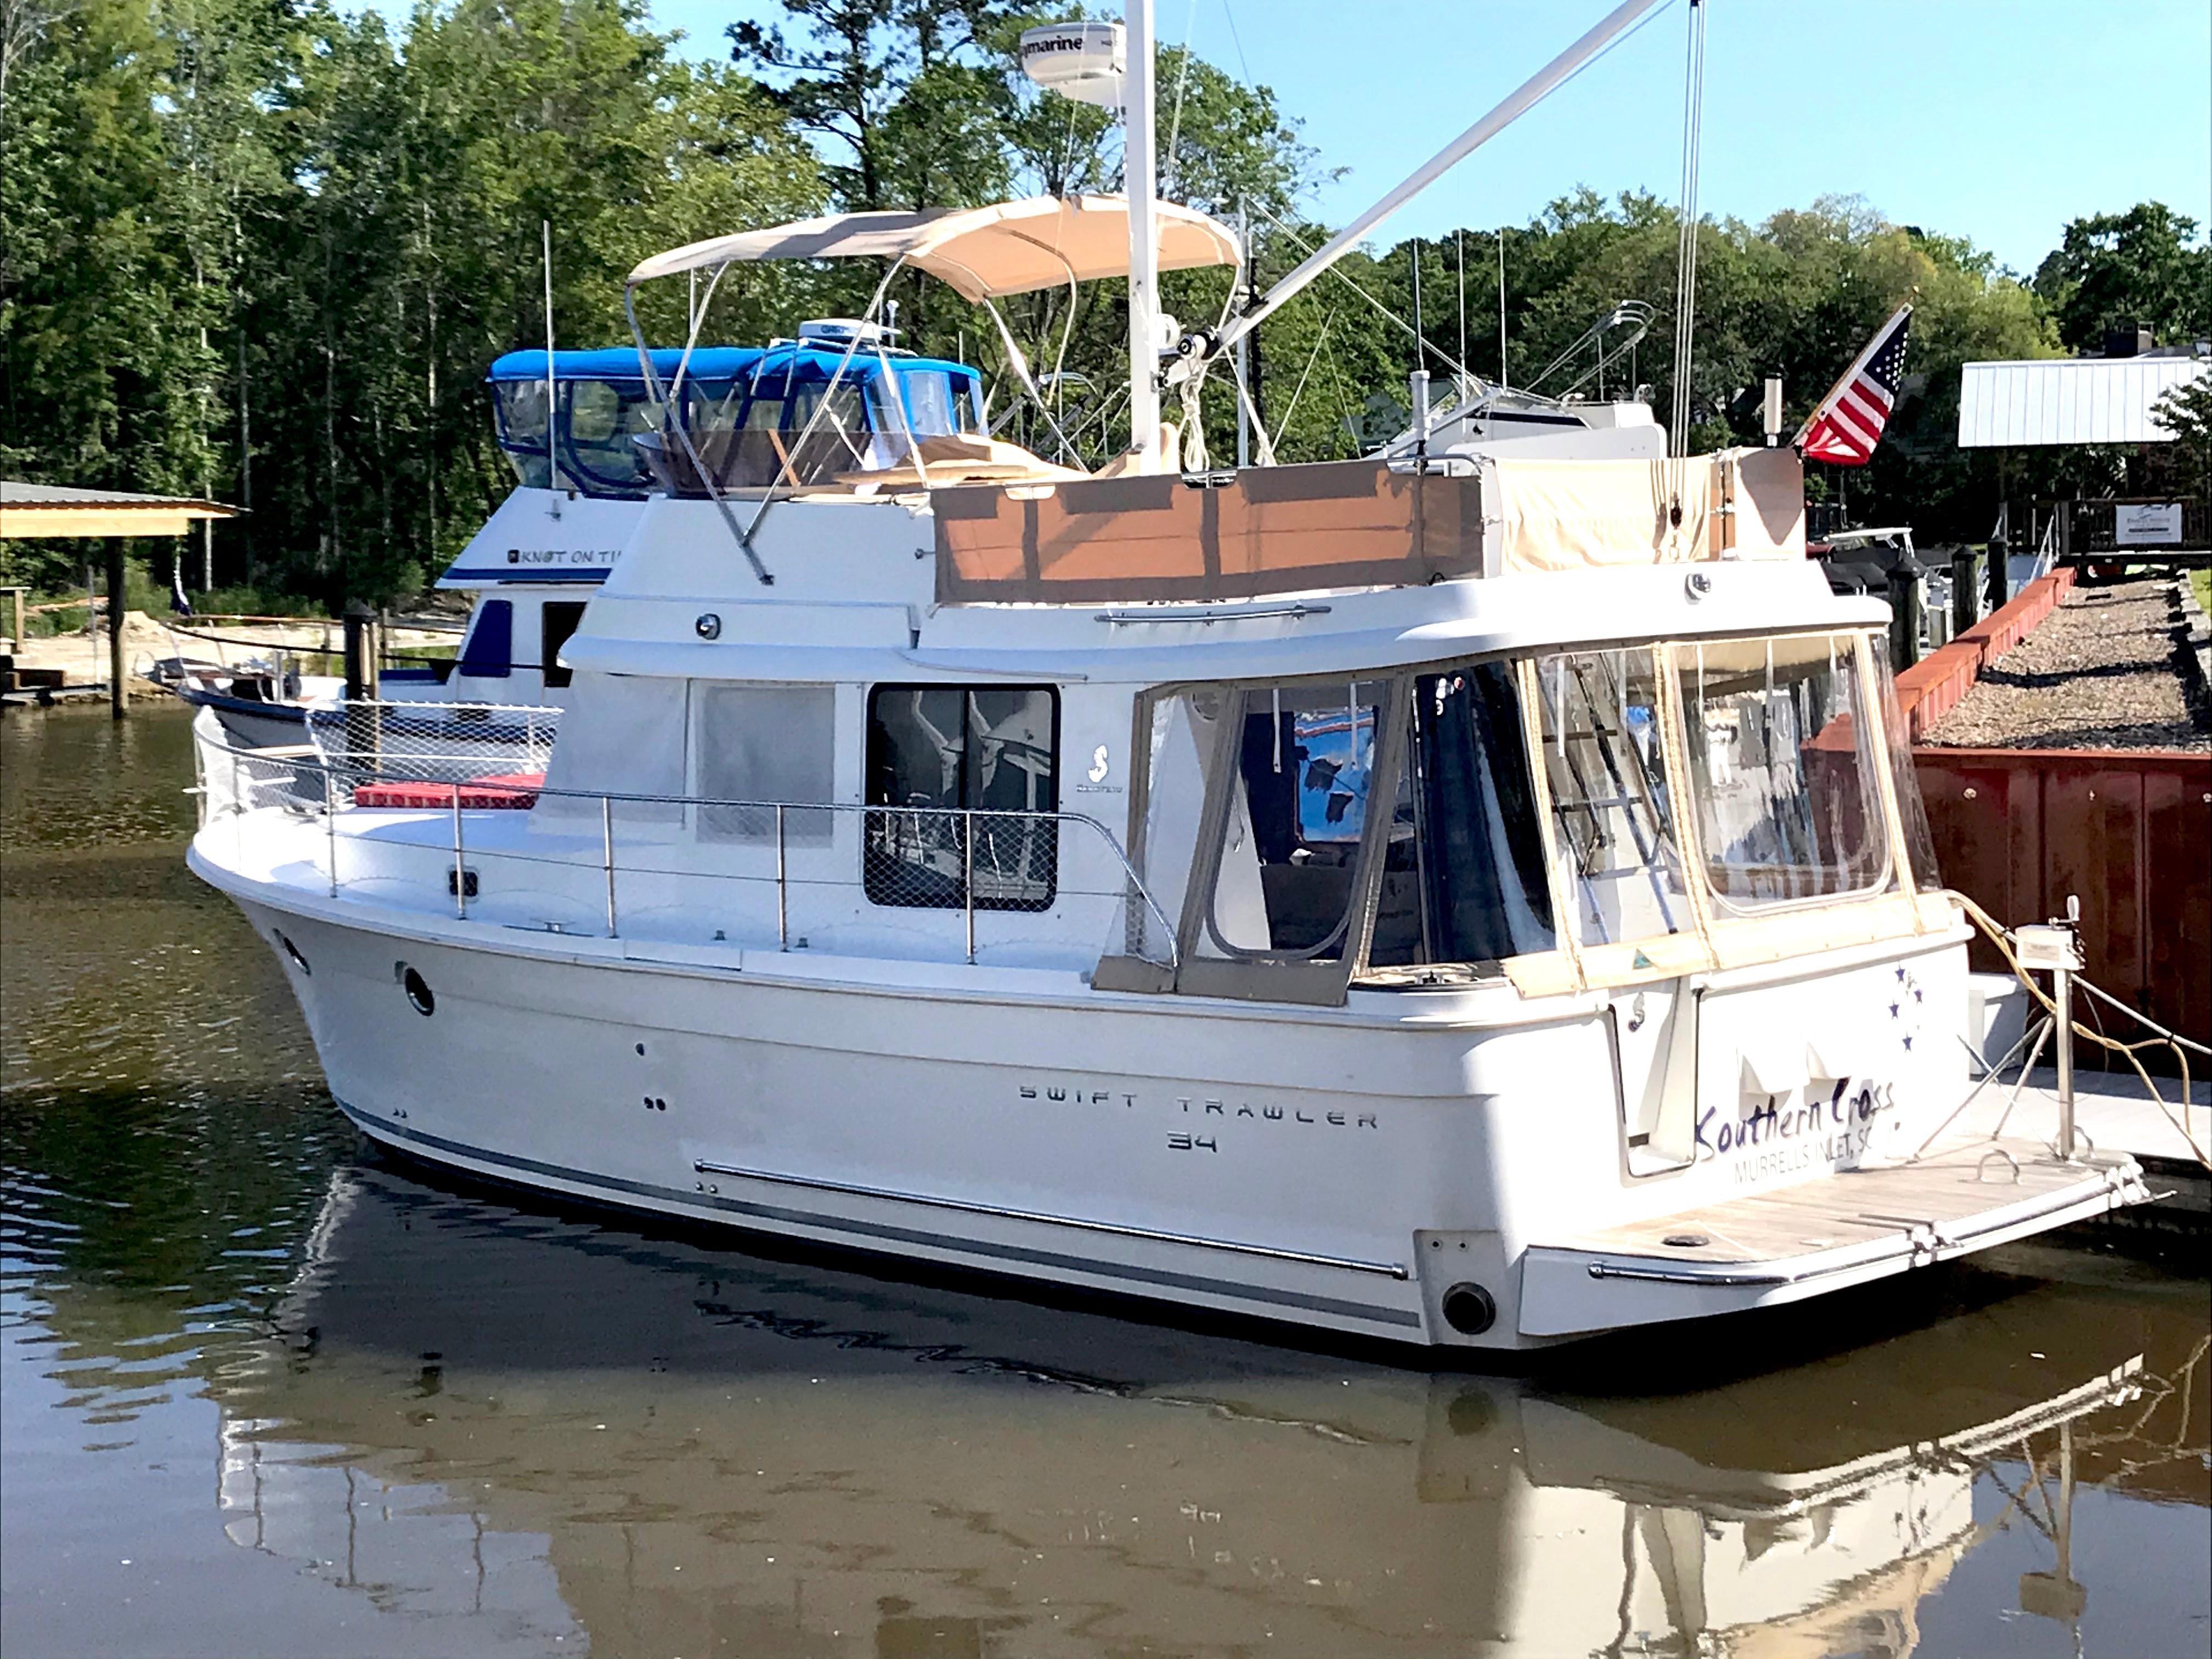 Beneteau 34 Swift Trawler - Port side quartering